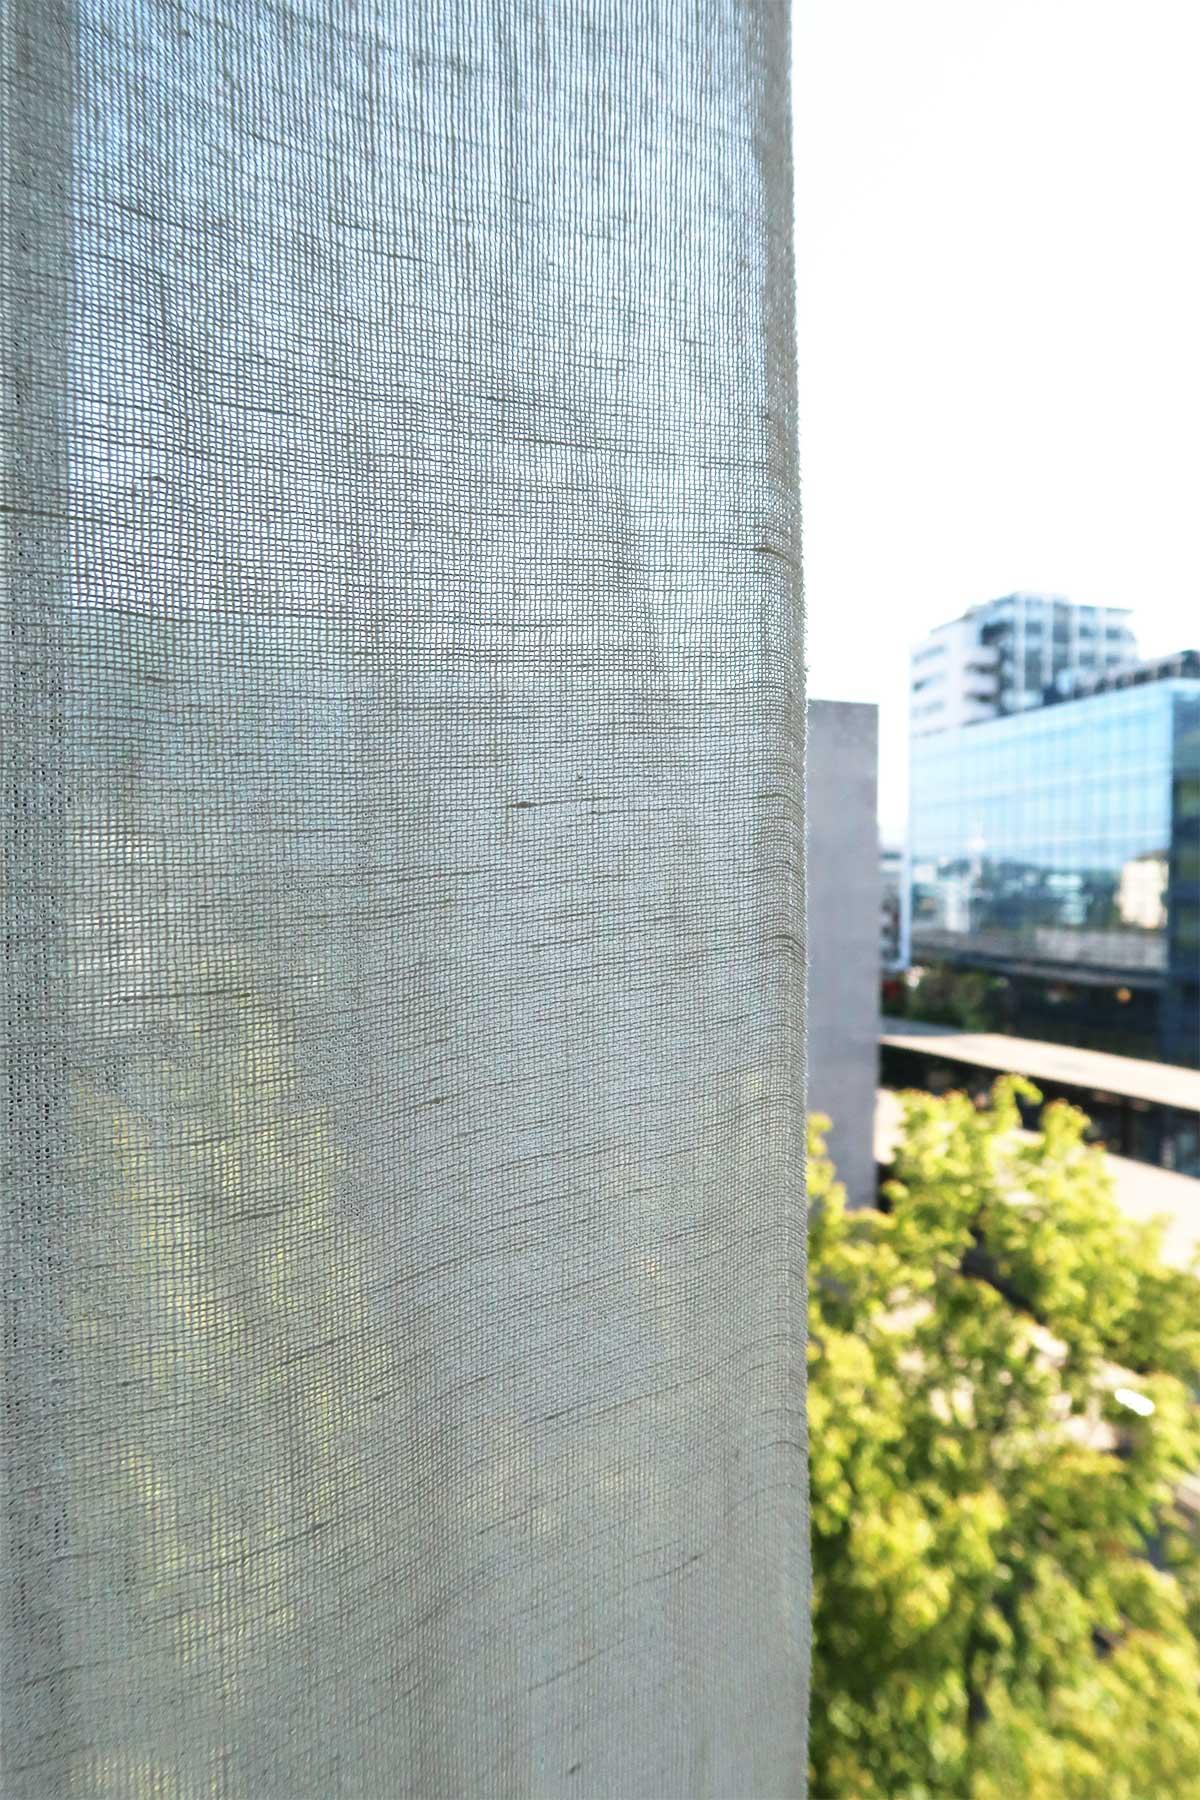 Full Size of Vorhänge Wohnzimmer Kräuselband Vorhang Wohnzimmer Schiebegardinen Vorhänge Wohnzimmer Blau Vorhang Wohnzimmer Trend Wohnzimmer Vorhang Wohnzimmer